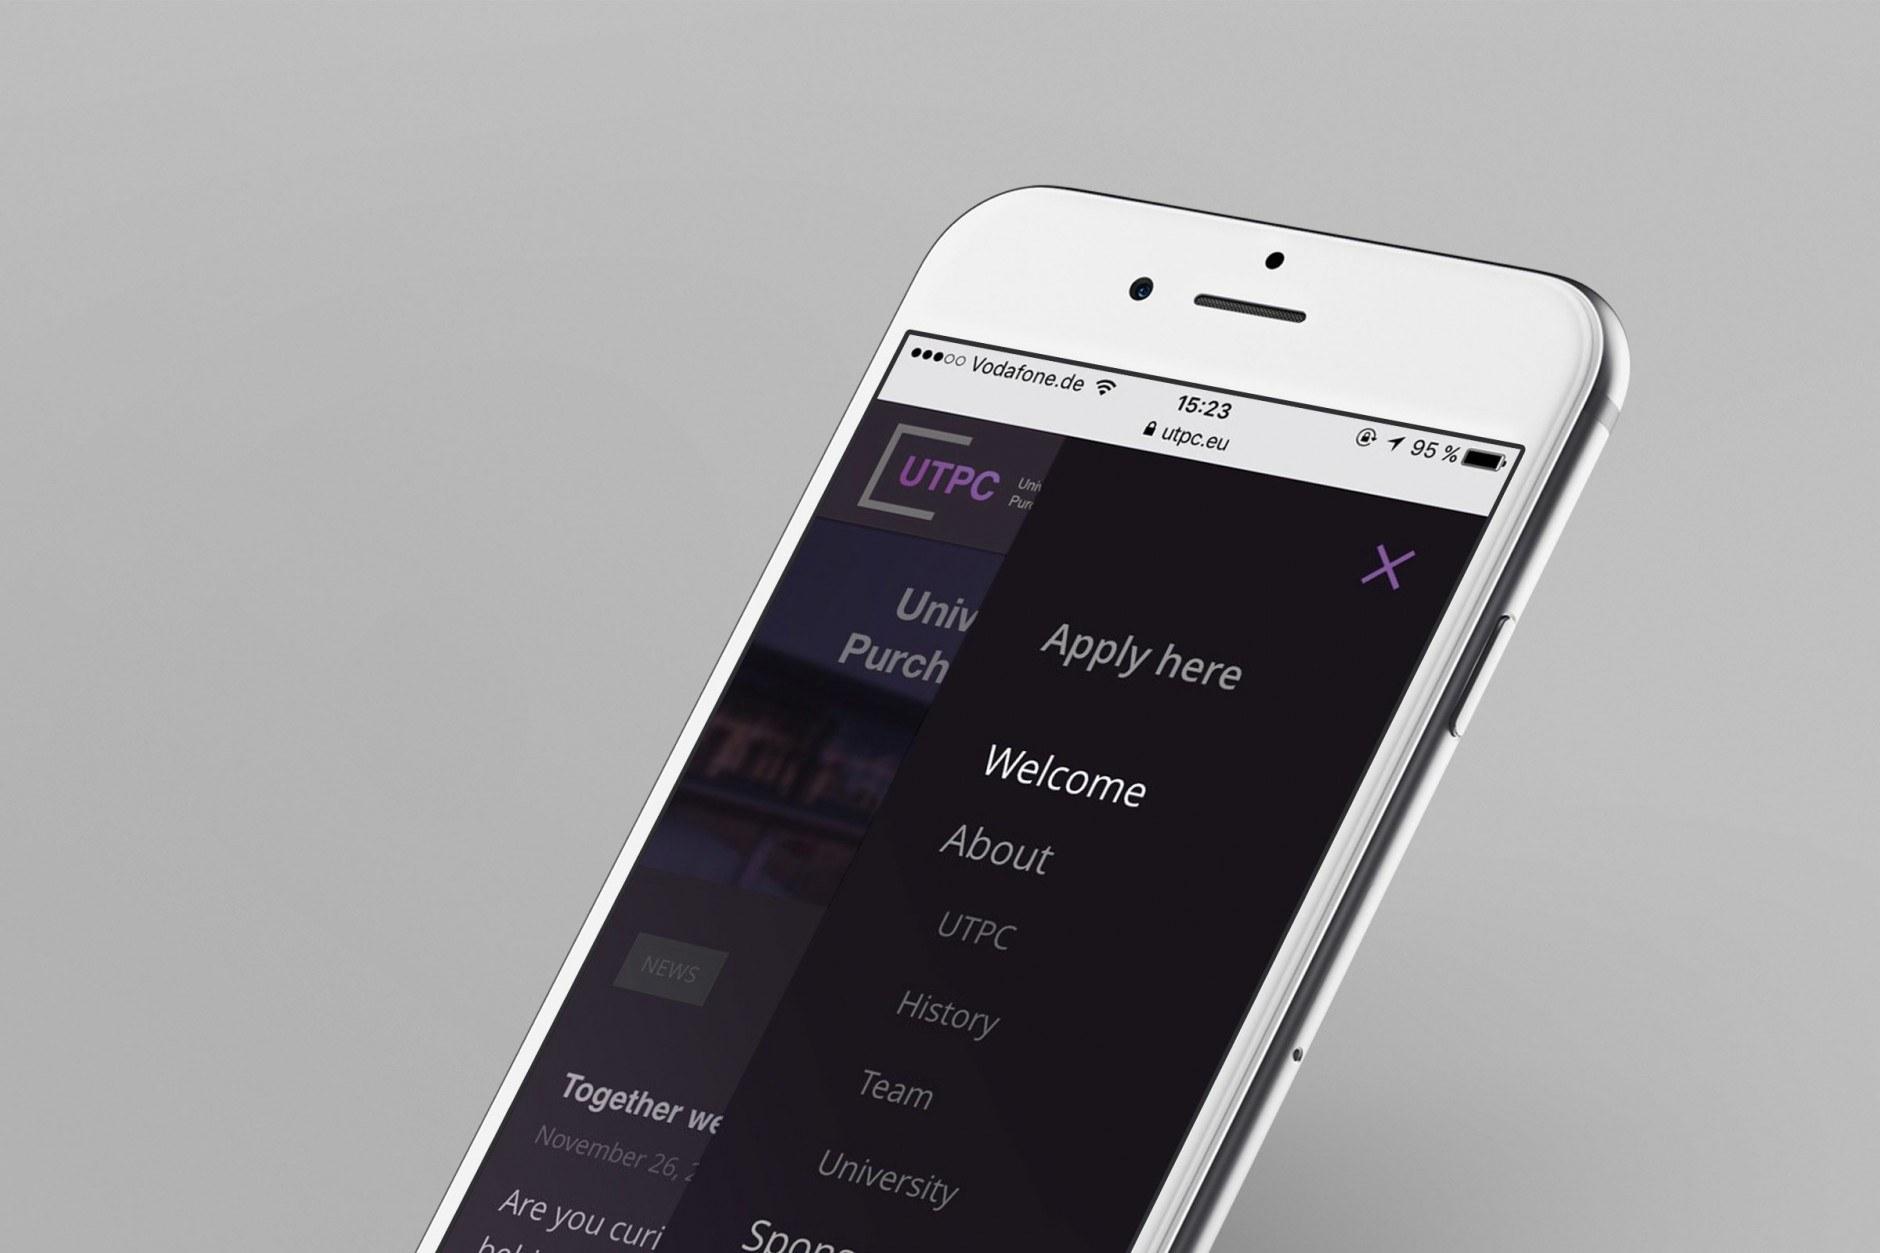 notthoff-designagentur_utpc-webdesign-11-001